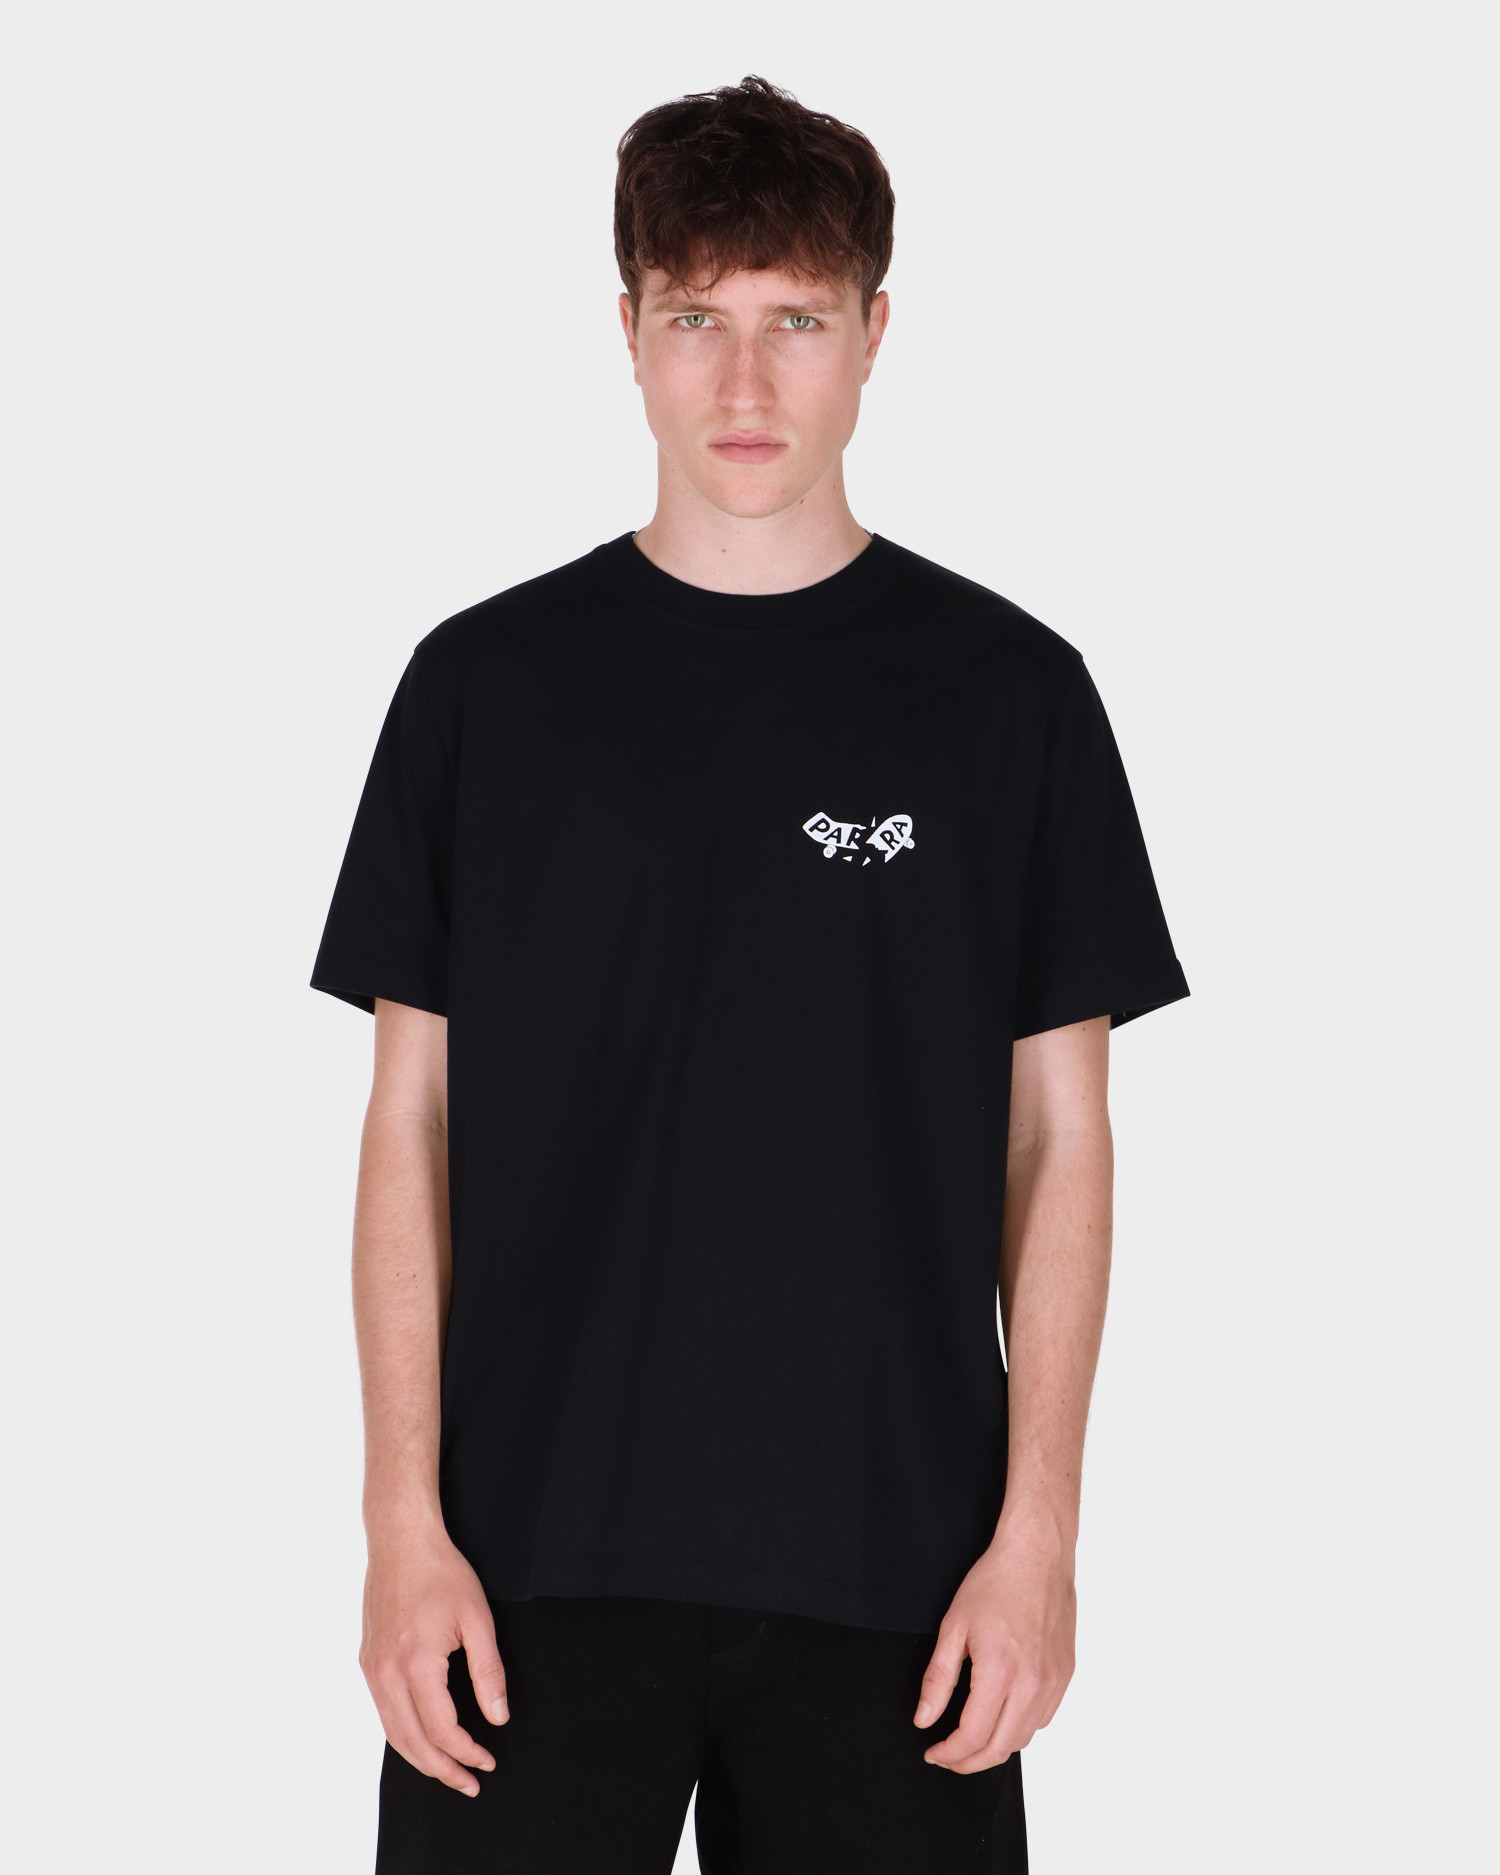 Parra Focused t-shirt Black